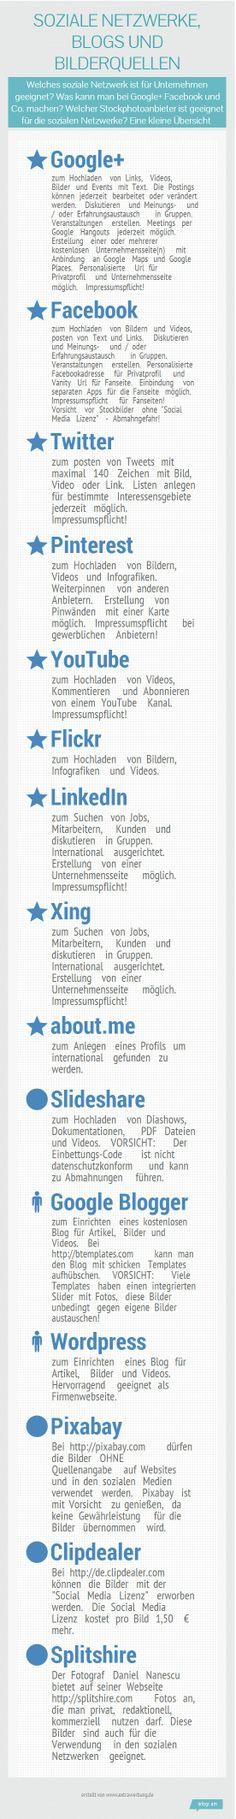 Soziale Netzwerke, Blogs und Bilderquellen. Welches soziale Netzwerk ist für Unternehmen geeignet? Was kann man bei Google+ Facebook und Co. machen? Welcher Stockphotoanbieter ist geeignet für die sozialen Netzwerke?